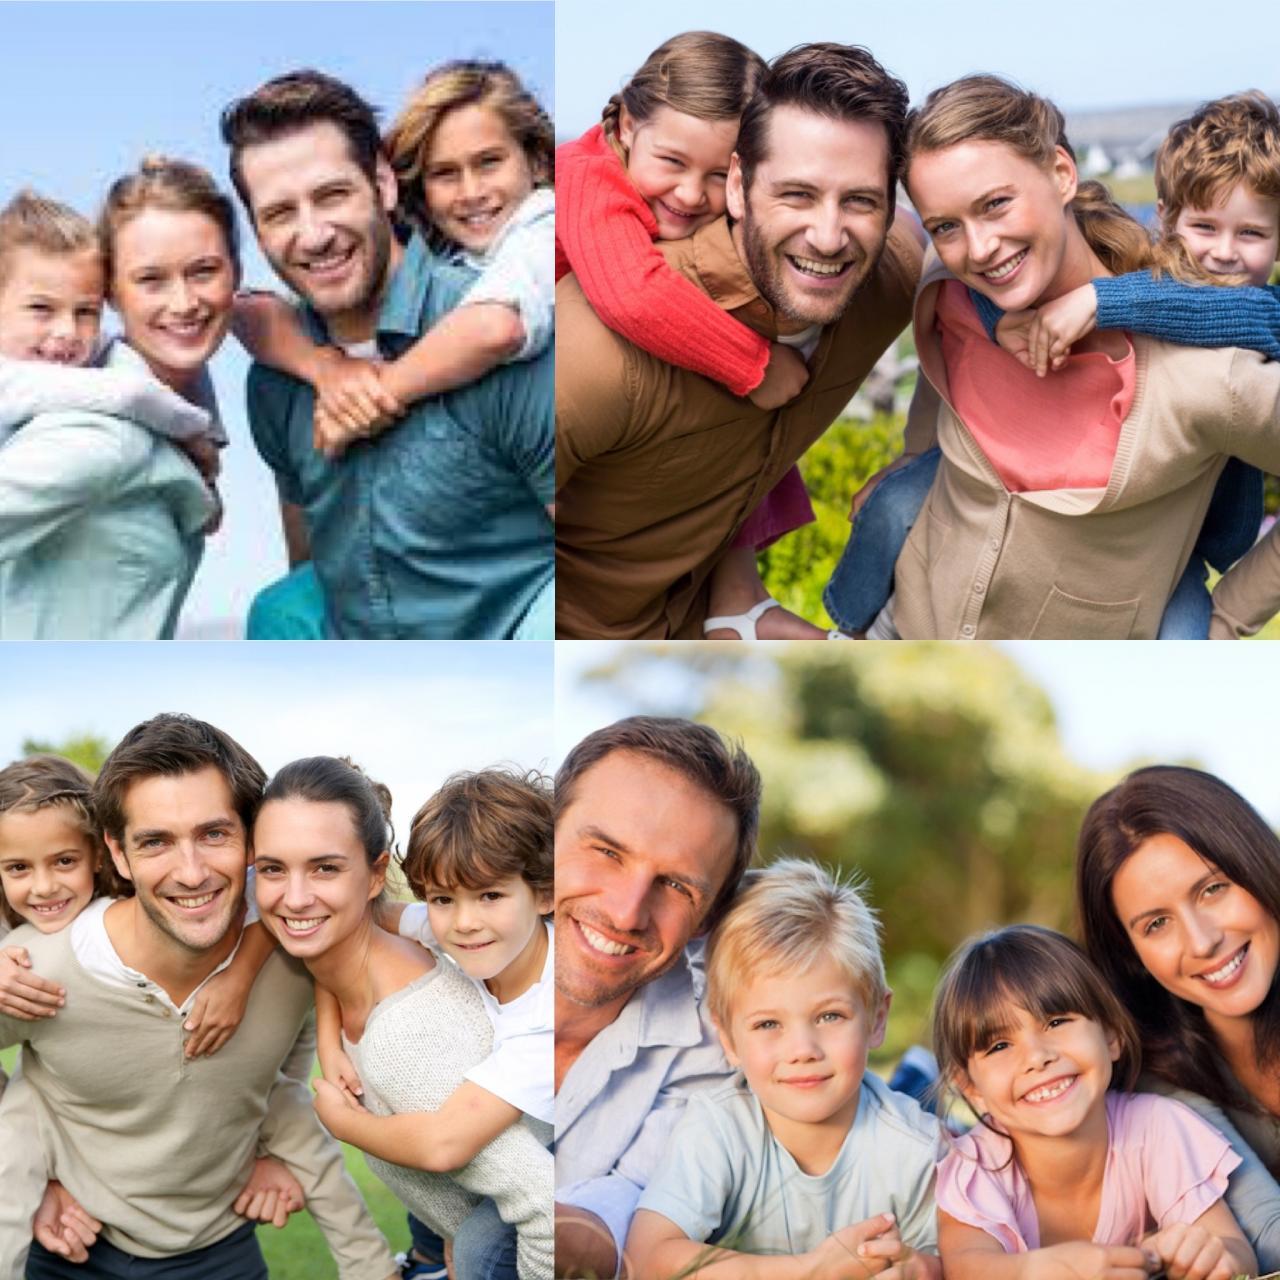 Семья, 18 октября, мужчины, женщины, дети, 1500р